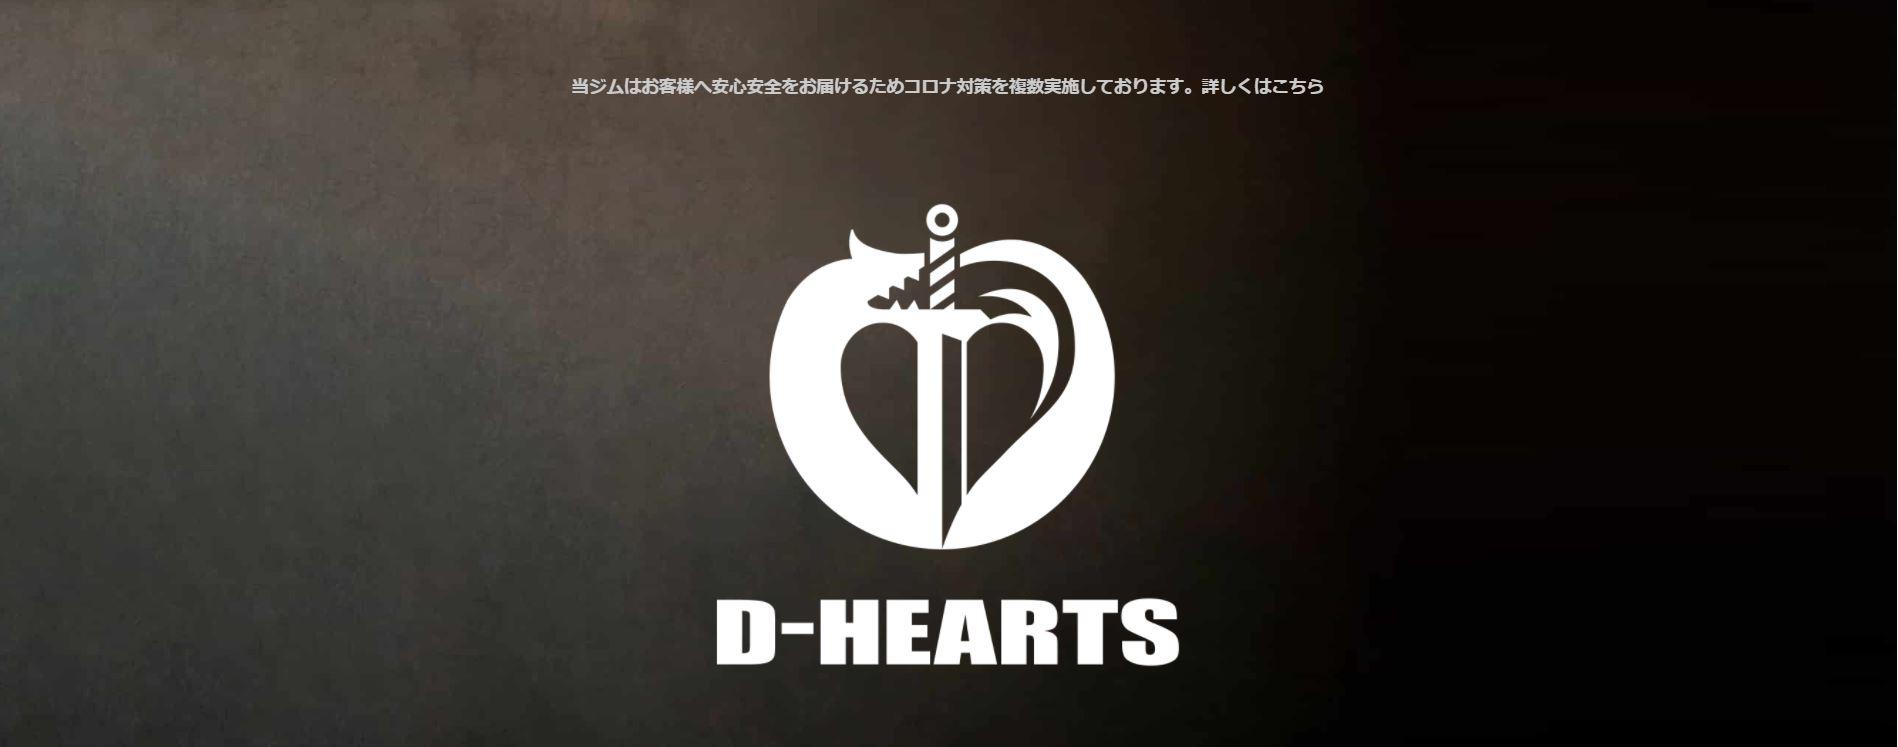 D-HEARTS 千葉本店